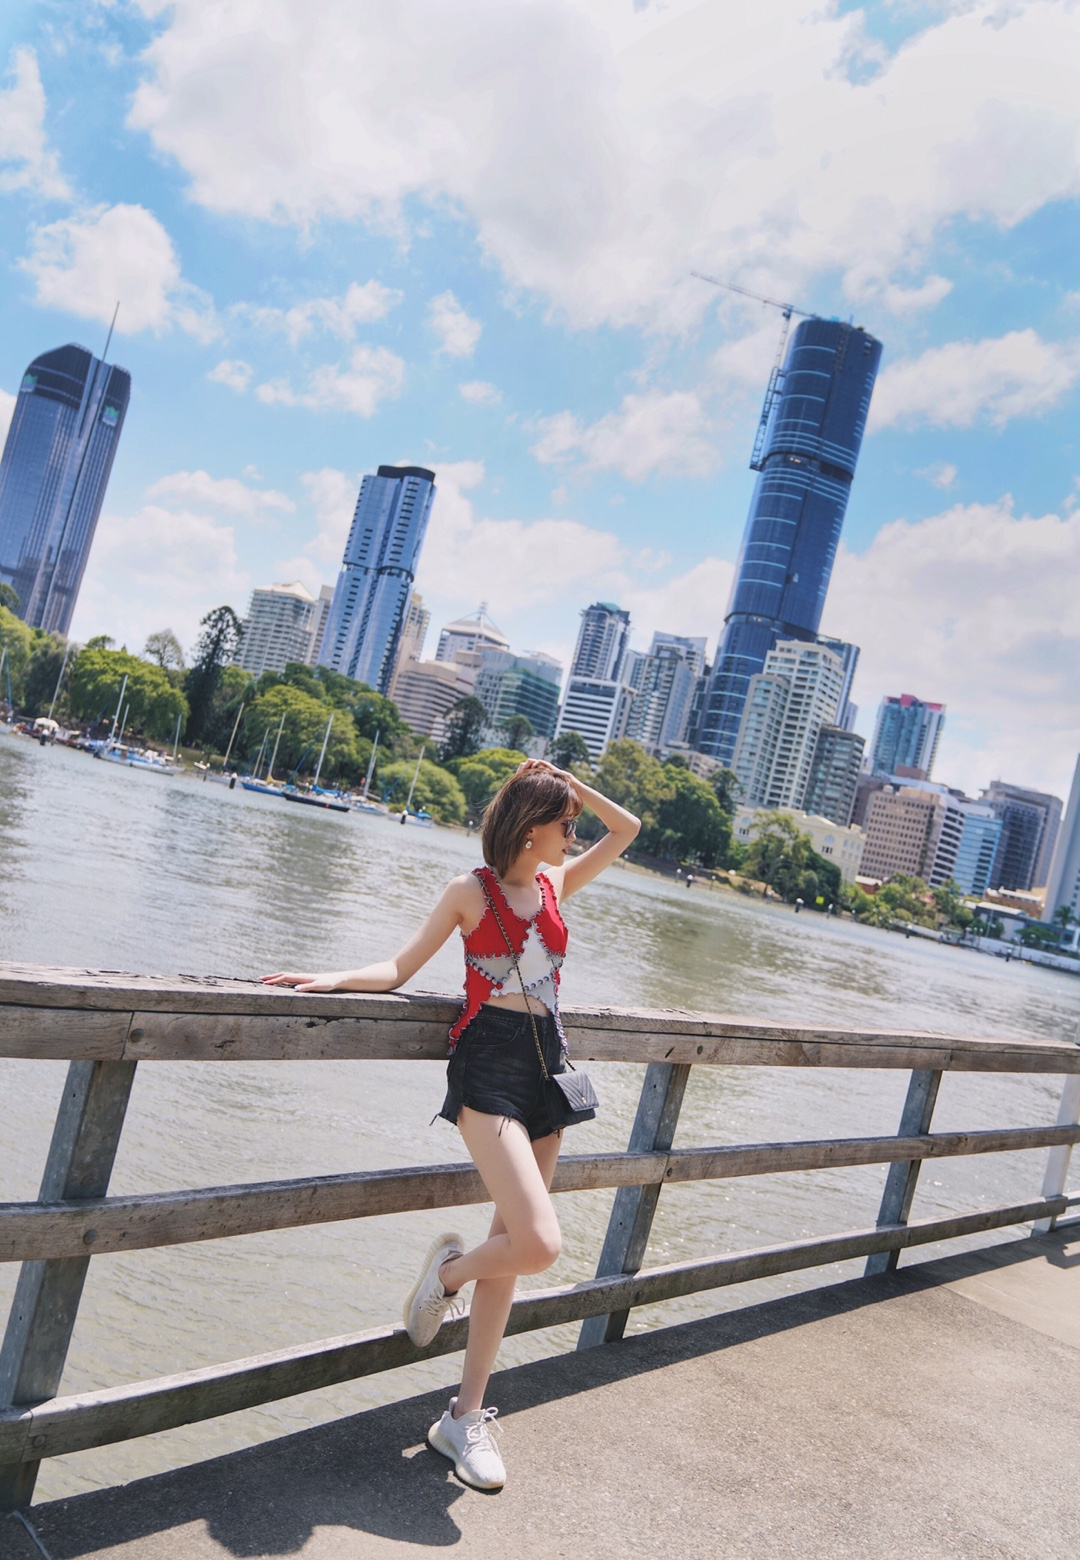 #快递恢复!这是我开春第一笔投资# 【澳洲旅行】布里斯班最佳拍摄点📷袋鼠角拍照攻略! 布里斯班最佳想颁给袋鼠角!!! 沿河边走了一上午,真的景色太美太喜欢了,可能因为常年在北京这种没有水的城市吧,就一直特别爱有水的城市 封面是我很喜欢的拍照位置,我们是直接打车到Kangaroo Point Cliffs Park,当时下车感觉到错了景点没有门也没有人,但走到边上发现车刚好是停在悬崖公园的上面,很高,所以刚好是最佳拍摄点,可以拍到河对岸的全景,建议用广角镜头~ 拍完就可以从路边的楼梯下到河边了,从这边一路走到故事桥有点远,但沿路风景真的很好很喜欢,河边也有一些小码头拍照很好看,玩攀岩啊皮划艇啊什么的也在这边,路边有租设备的店~ 如果有半天时间的话,建议来这边看看,河边坐着发发呆什么的真的挺幸福的,唯一的缺点就是这一路都没有咖啡厅甚至连个自动贩卖机都没有,走渴了…… Tips:悬崖还是挺危险的不建议你们坐上去拍,想拍照的话就拍拍风景或者站在墙边拍就好啦